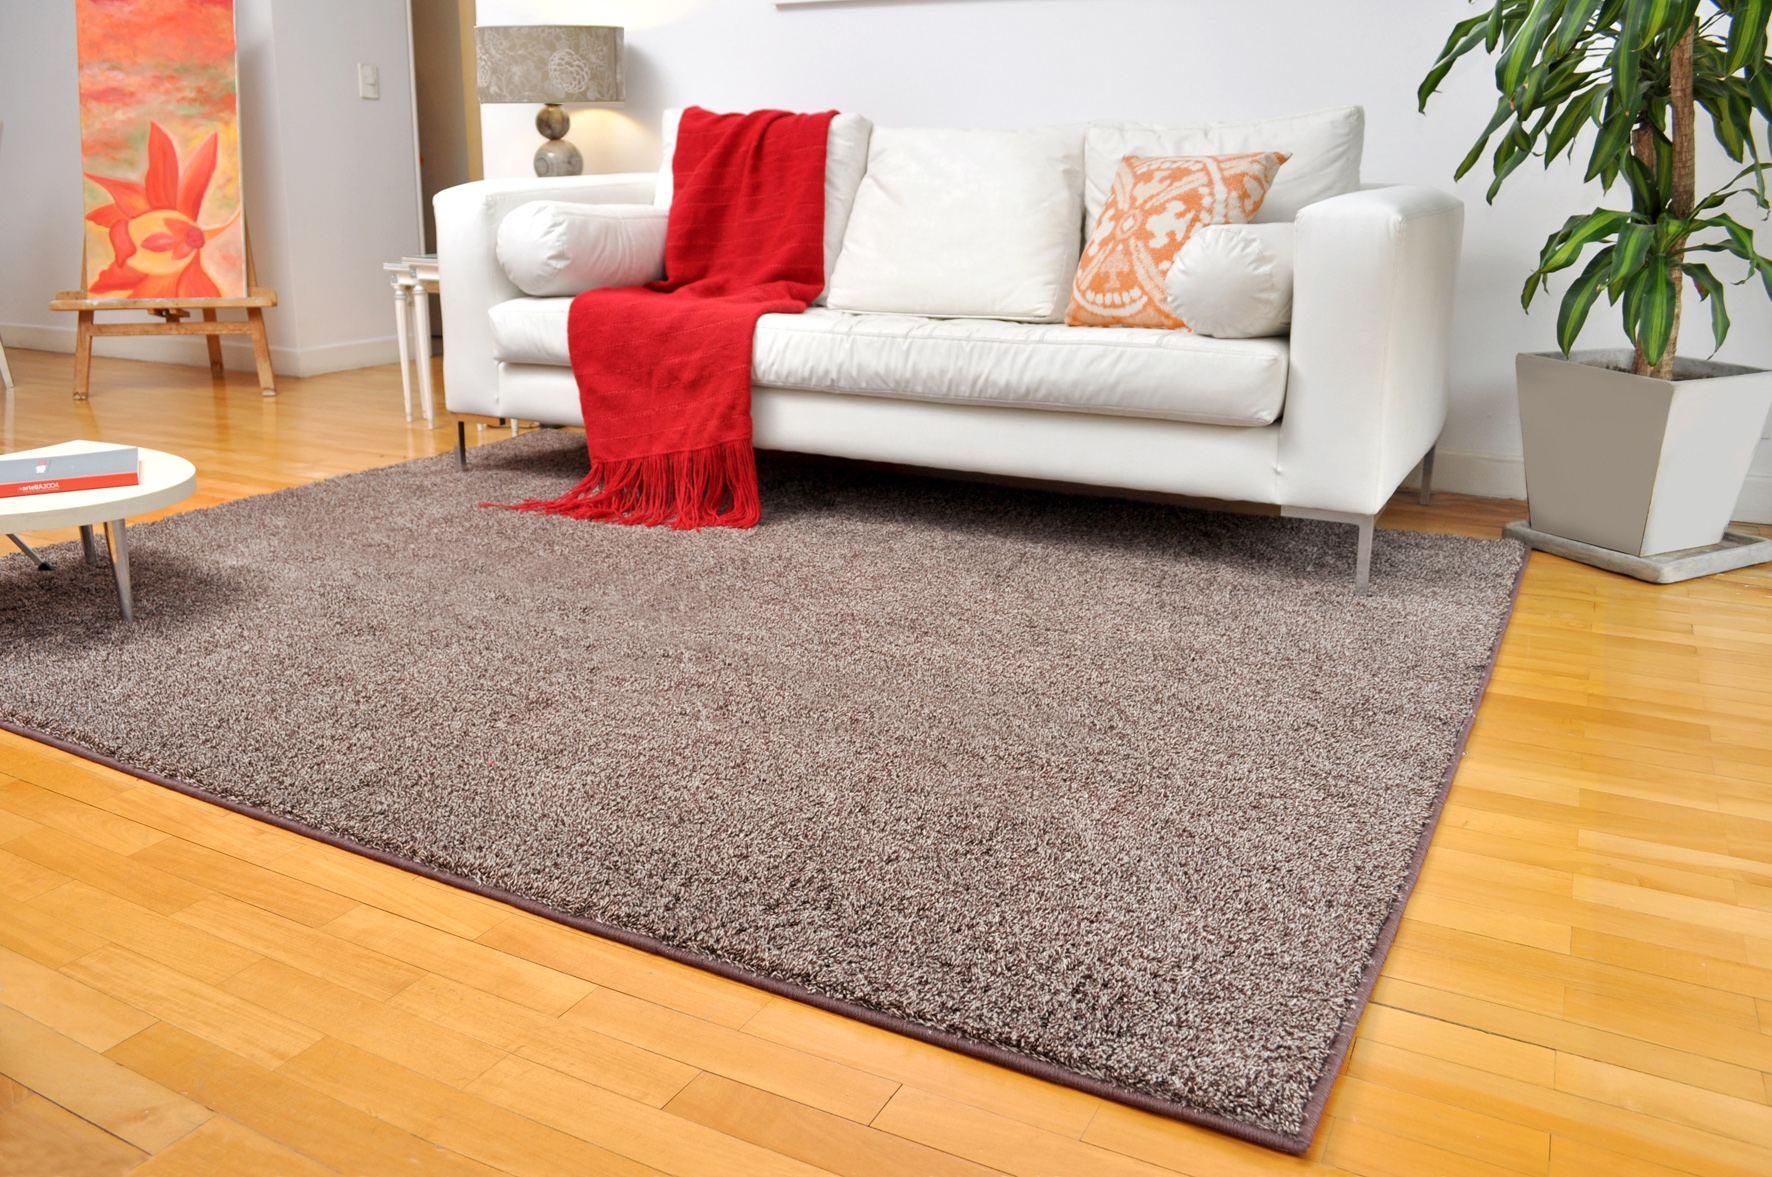 tapis en polypropylène